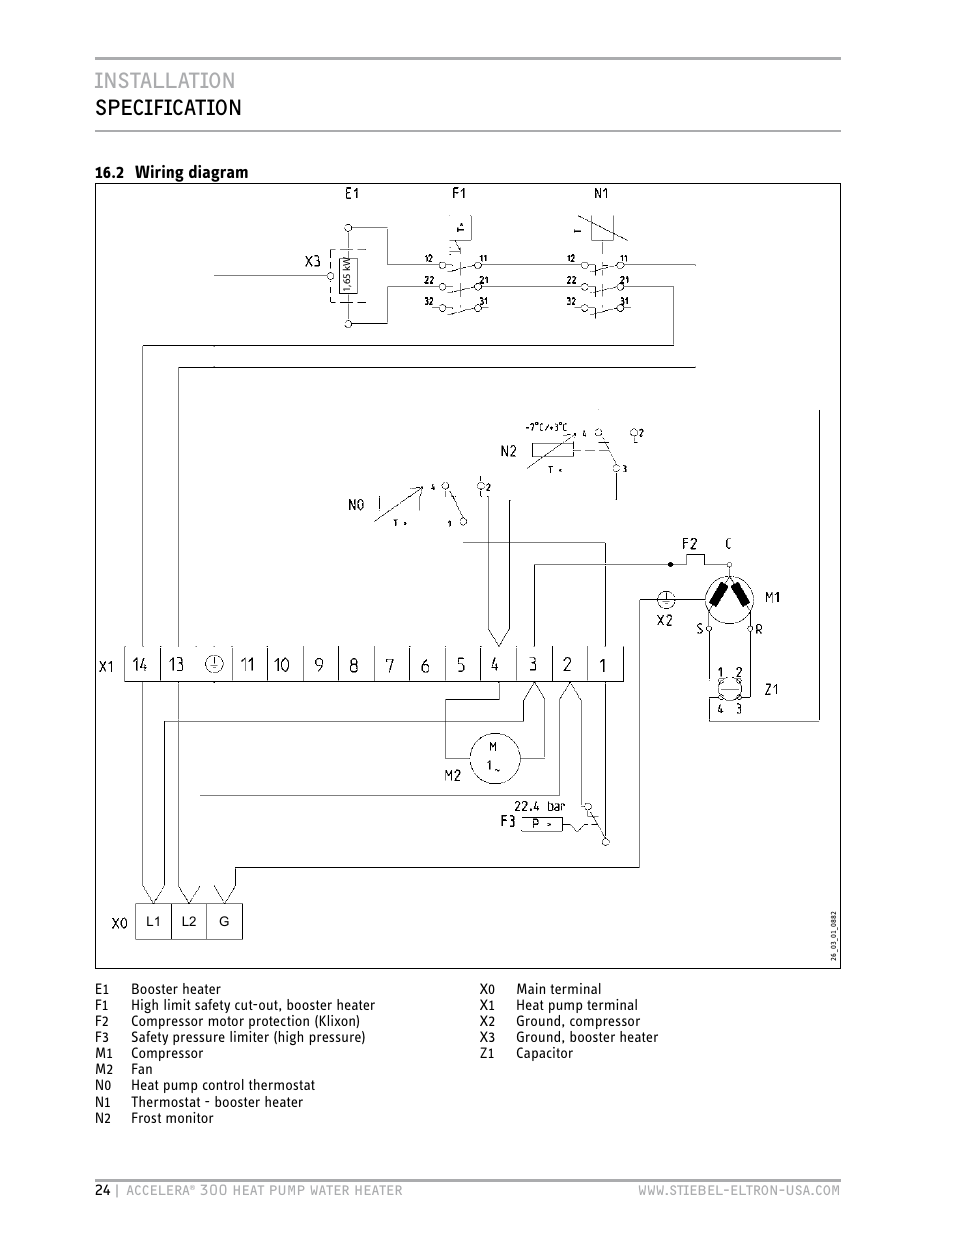 Klixon Motor Protector Wiring Diagram - Wiring Diagrams on samsung wiring diagram, hubbell wiring diagram, osram wiring diagram, whelen wiring diagram, honeywell wiring diagram, amp wiring diagram, harris wiring diagram, key wiring diagram, klockner moeller wiring diagram, siemens wiring diagram, bourns wiring diagram, molex wiring diagram, square d wiring diagram, kenwood wiring diagram, ge wiring diagram, mitsubishi wiring diagram, supco wiring diagram, mars wiring diagram, arco wiring diagram, panasonic wiring diagram,